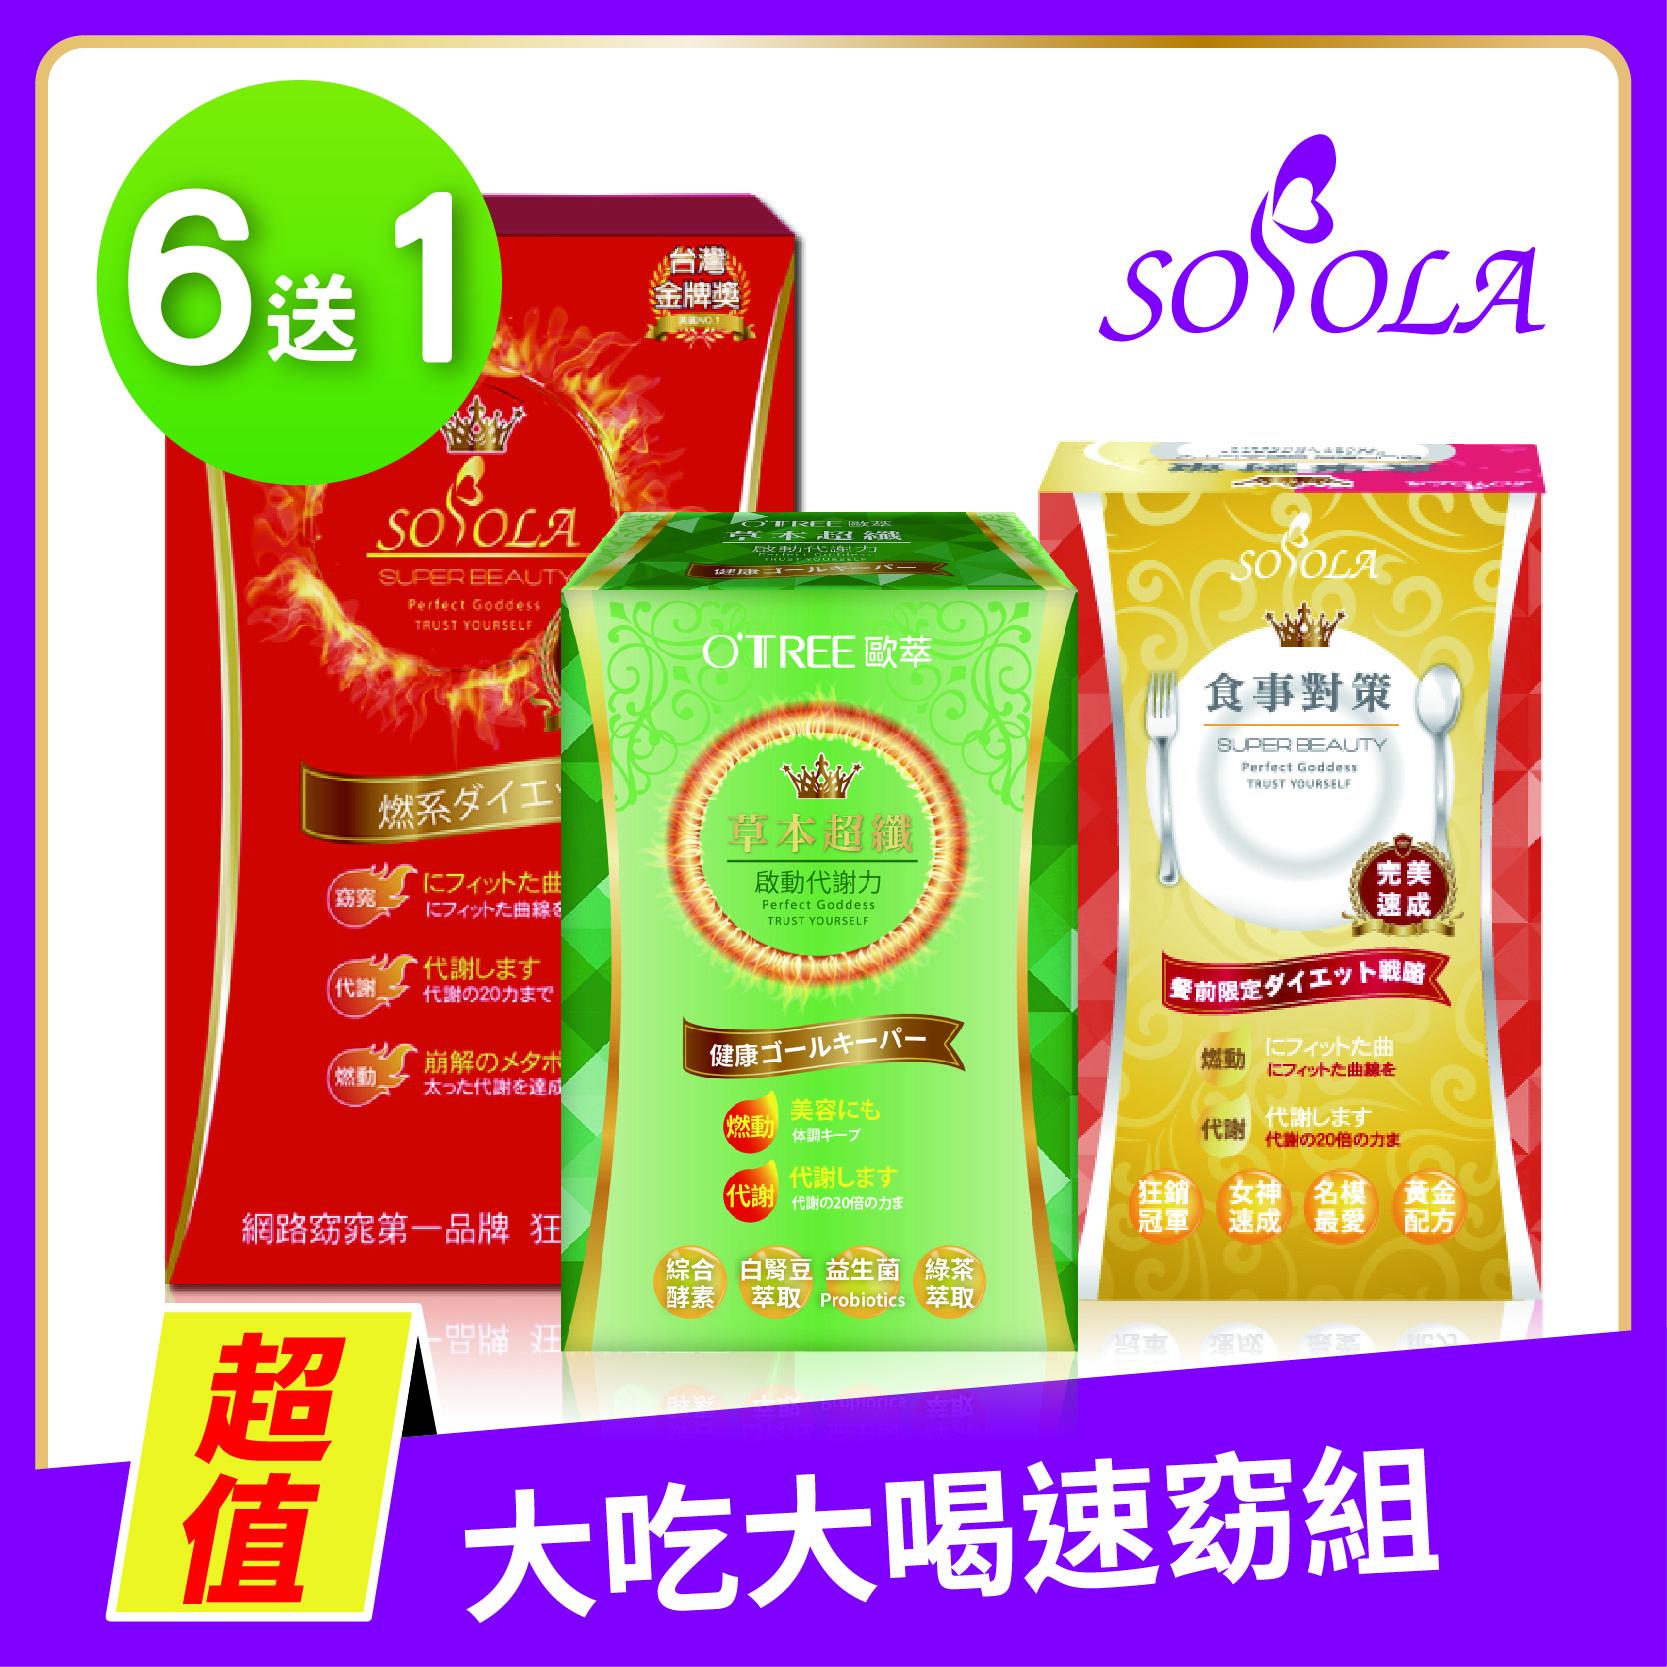 【SOSOLA】超燃素+抑阻速窈精華+草本超纖膠囊(6組)